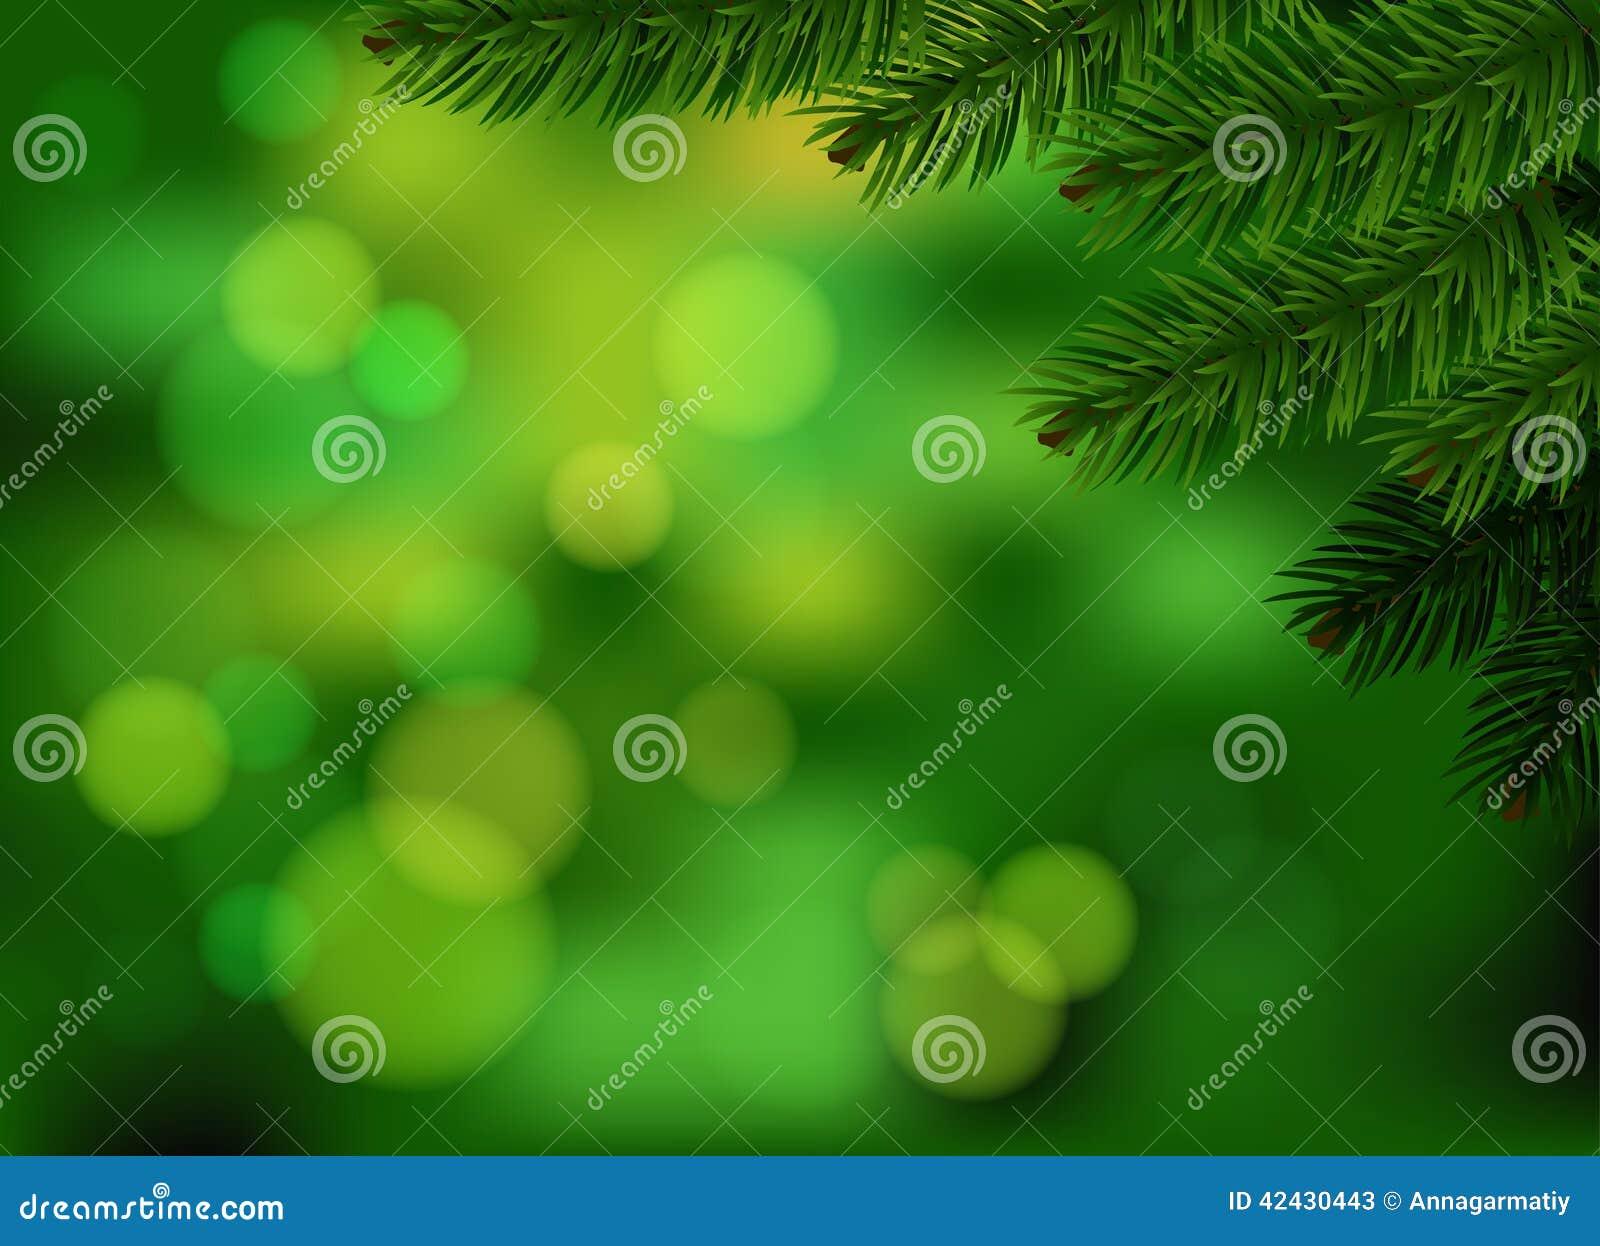 Fondo verde de la rama del abeto